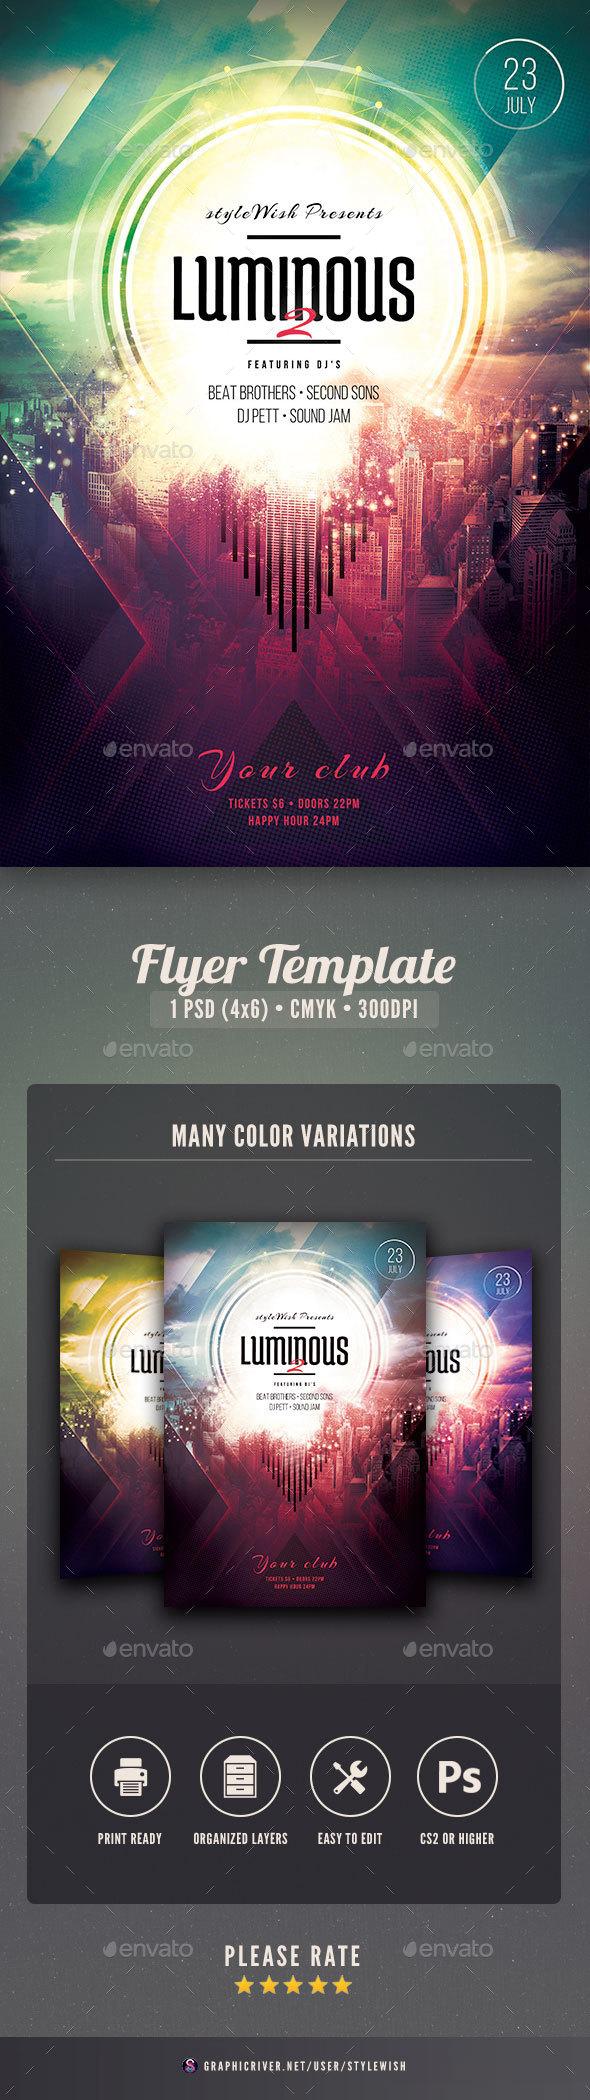 Luminous 2 Flyer - Concerts Events